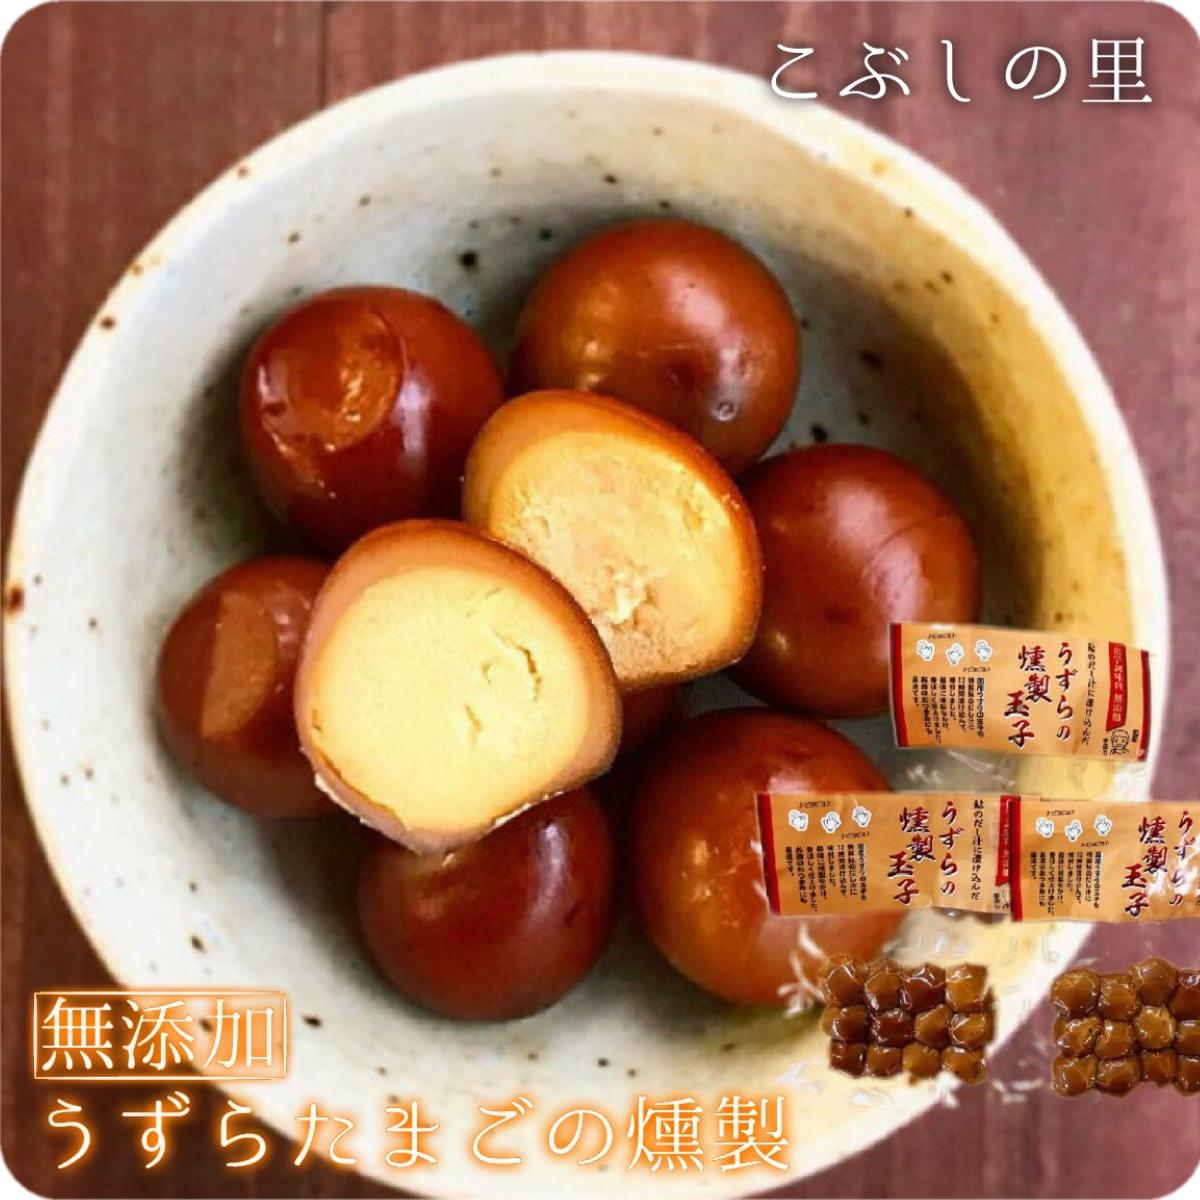 自家製鮎出汁が効いた『うずらたまごの燻製』12個入×20袋 おつまみ 肴 おかず 燻製 送料無料 ポテサラ お弁当